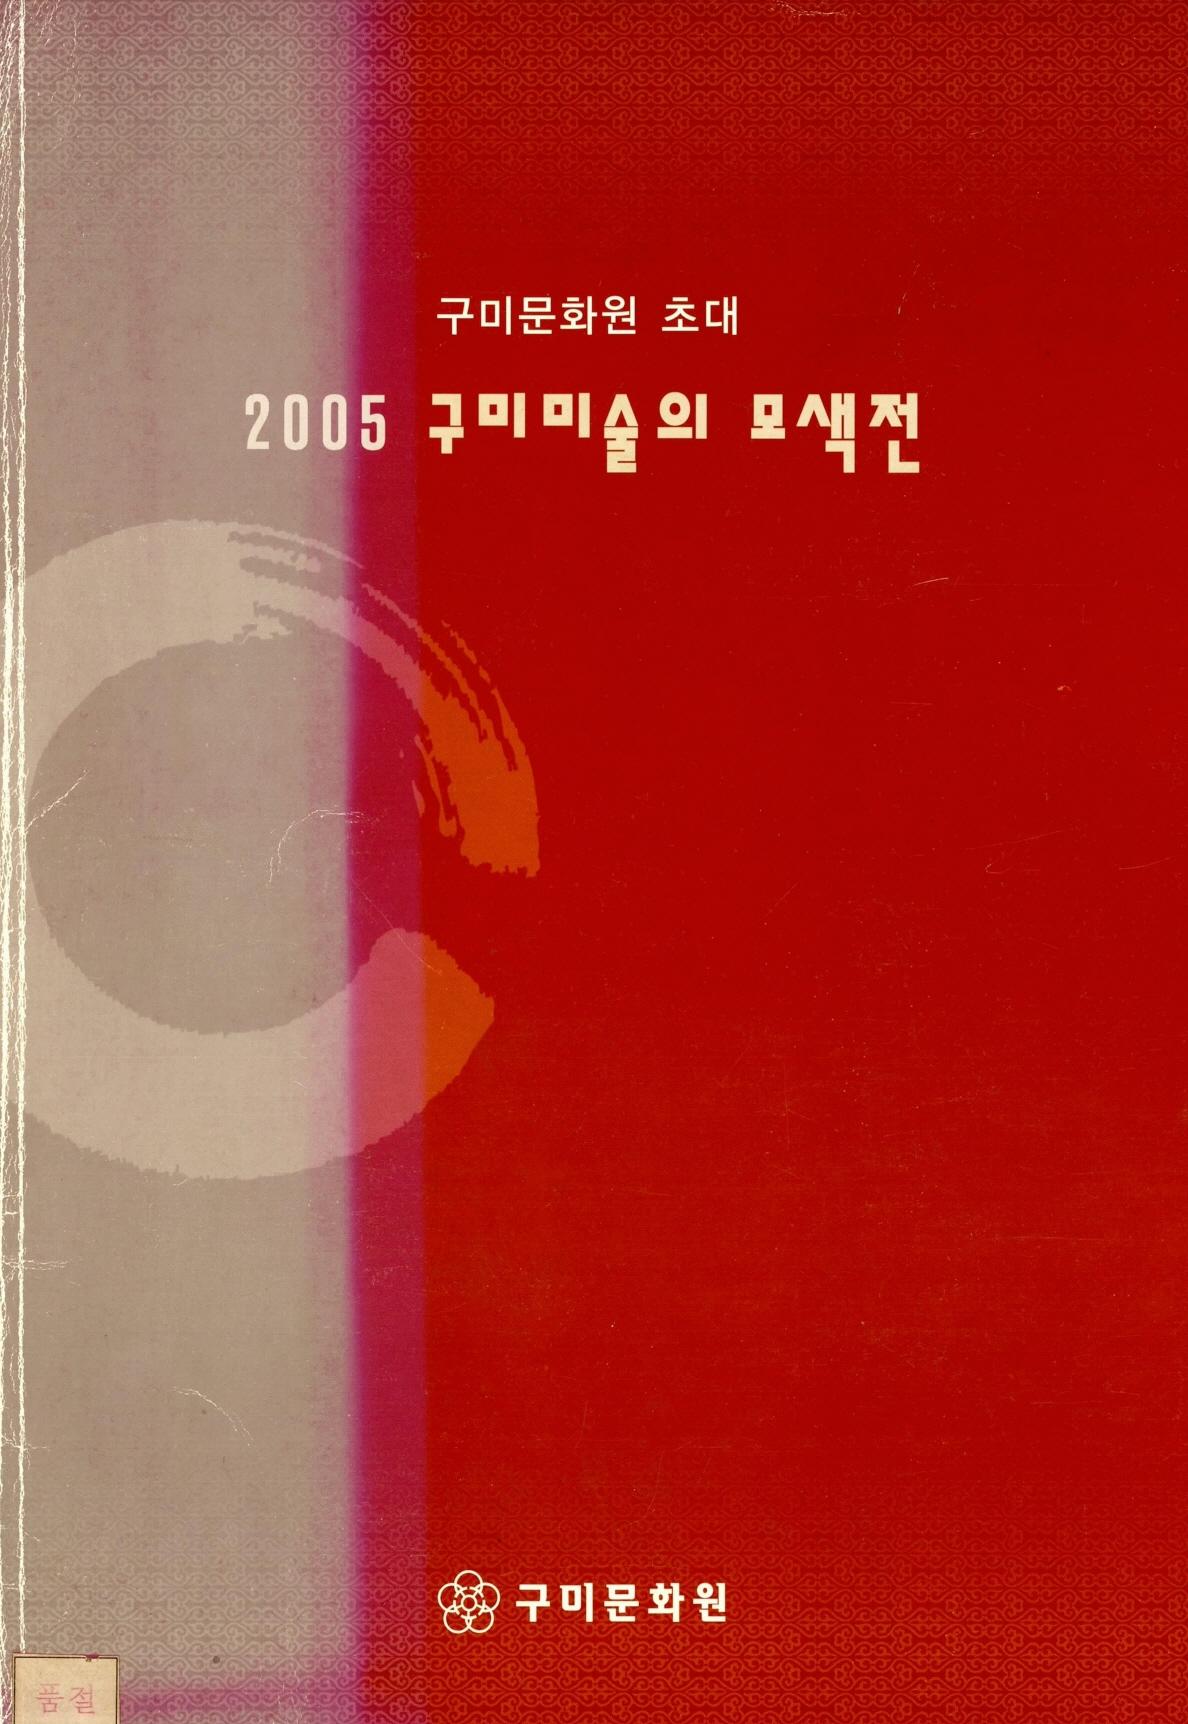 구미문화원초대 2005 구미미술의 모색전